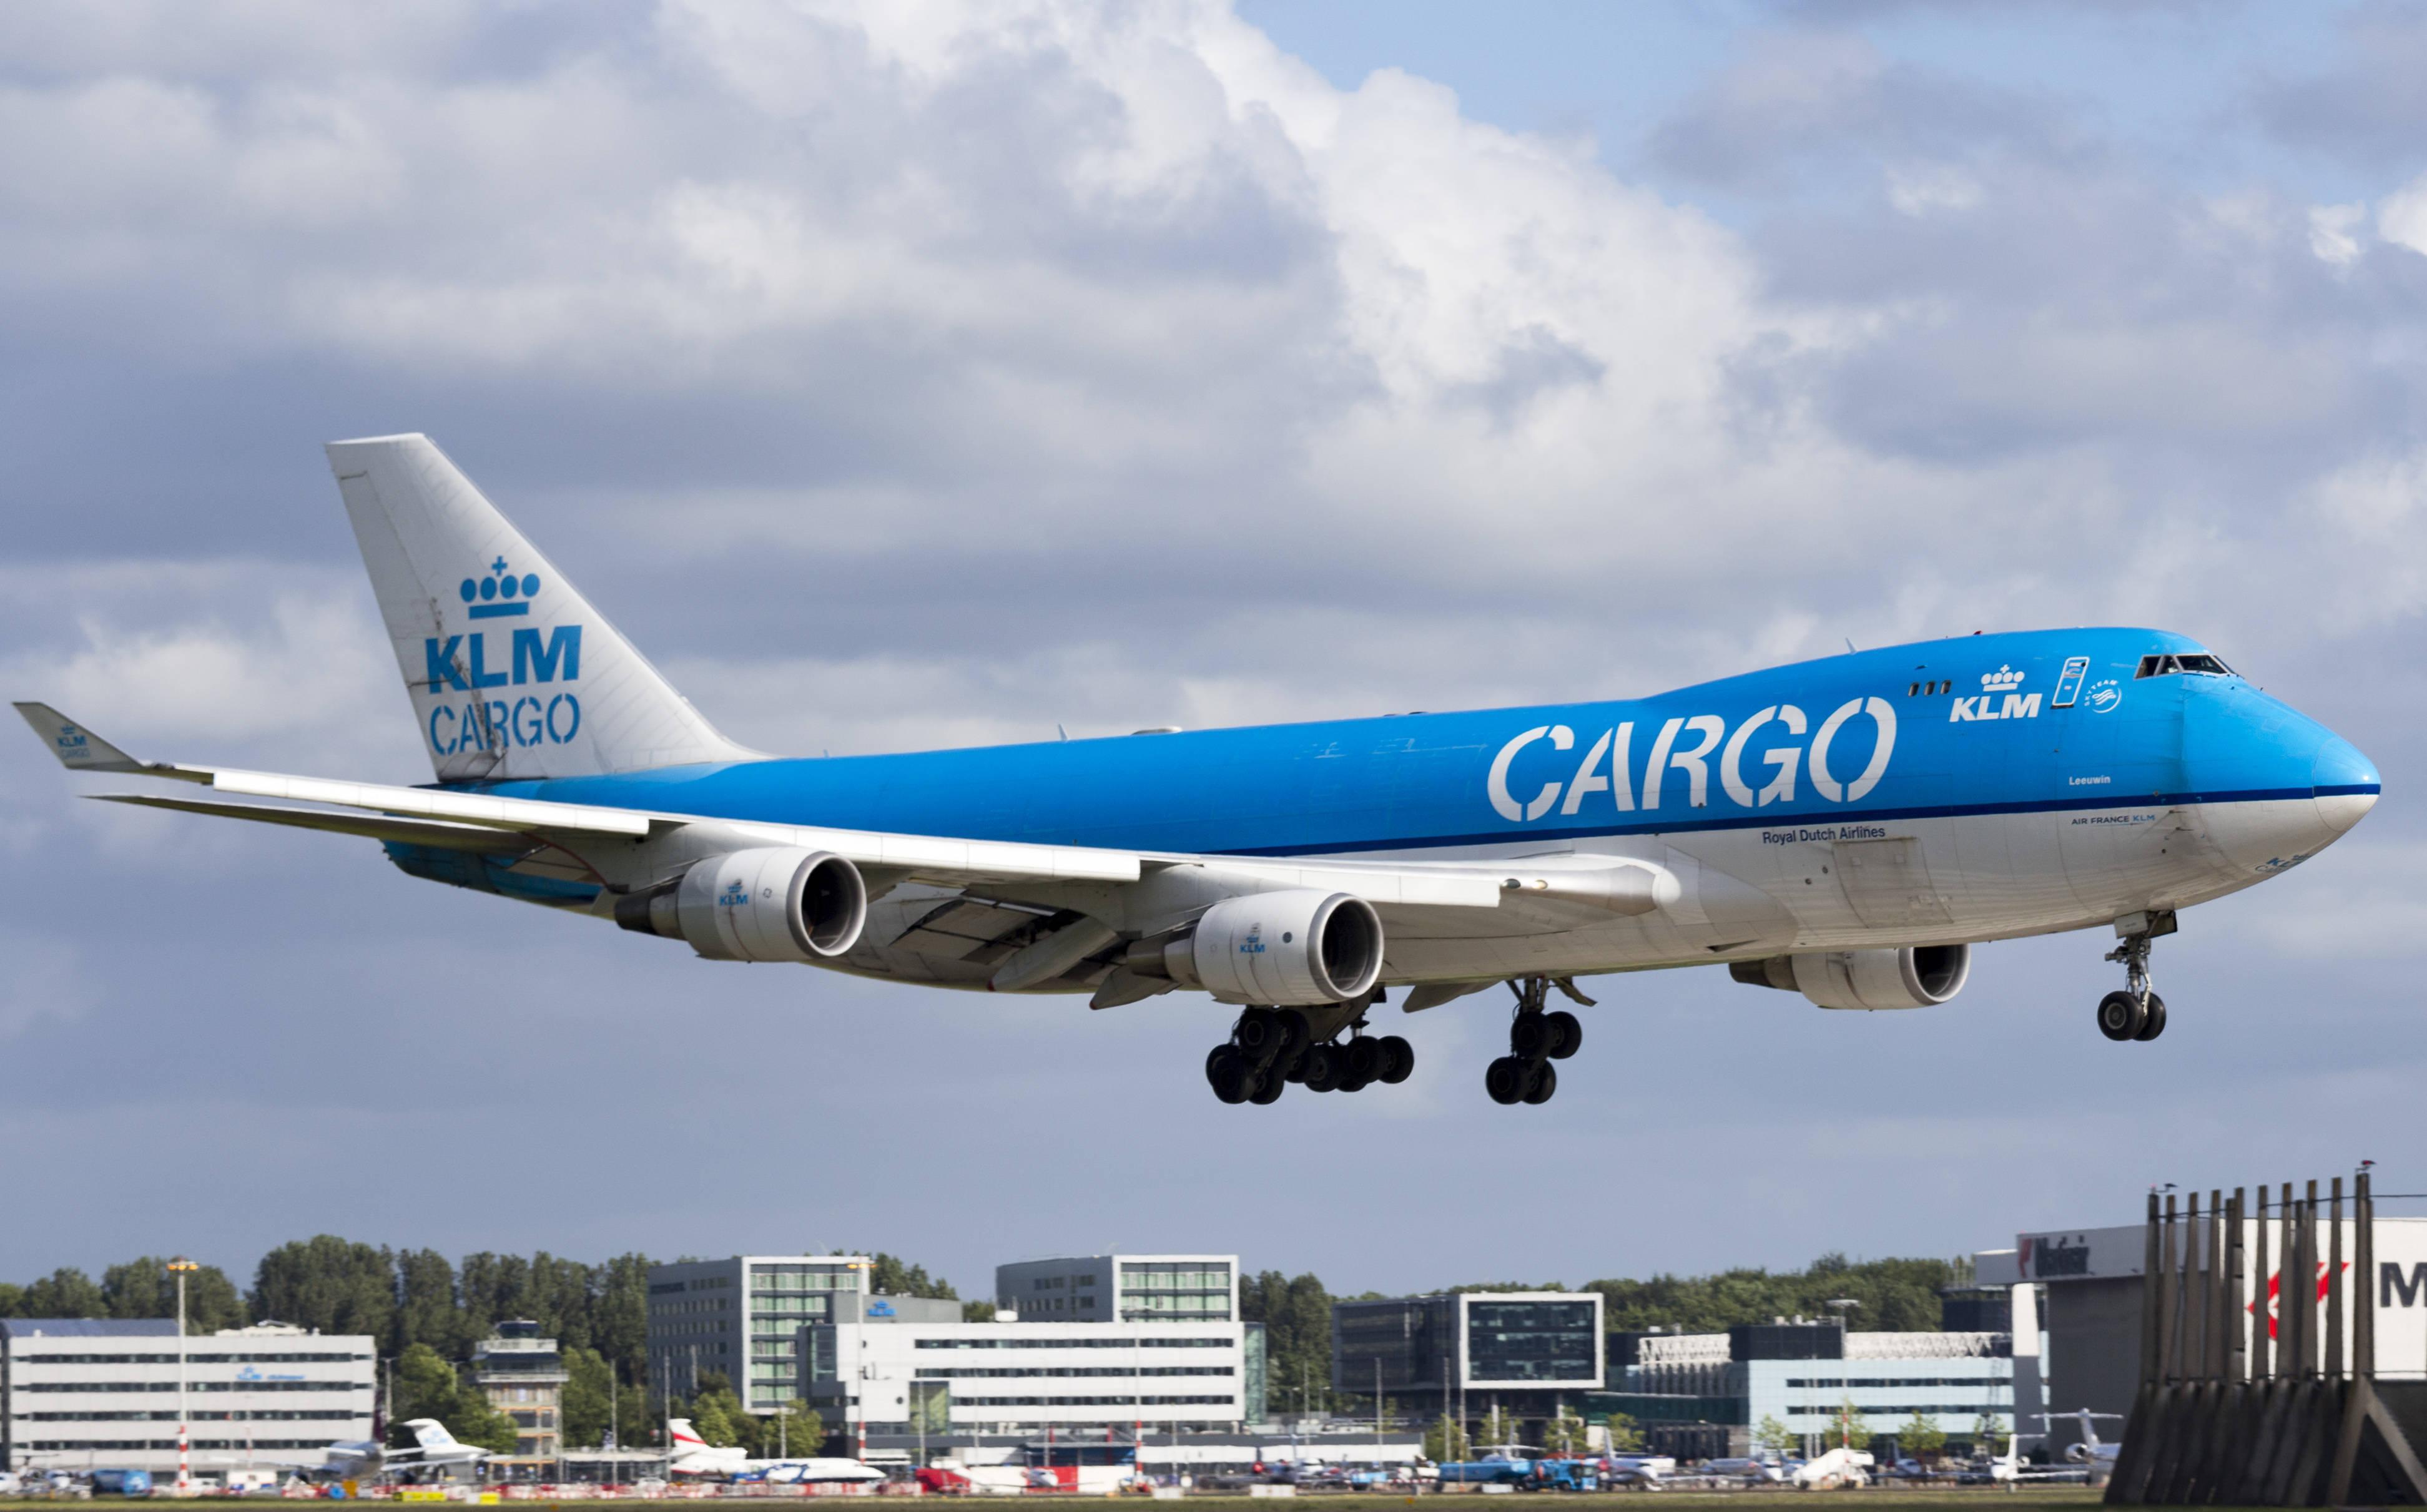 KLM Boeing 747-406ERF - SkyTeam Virtual